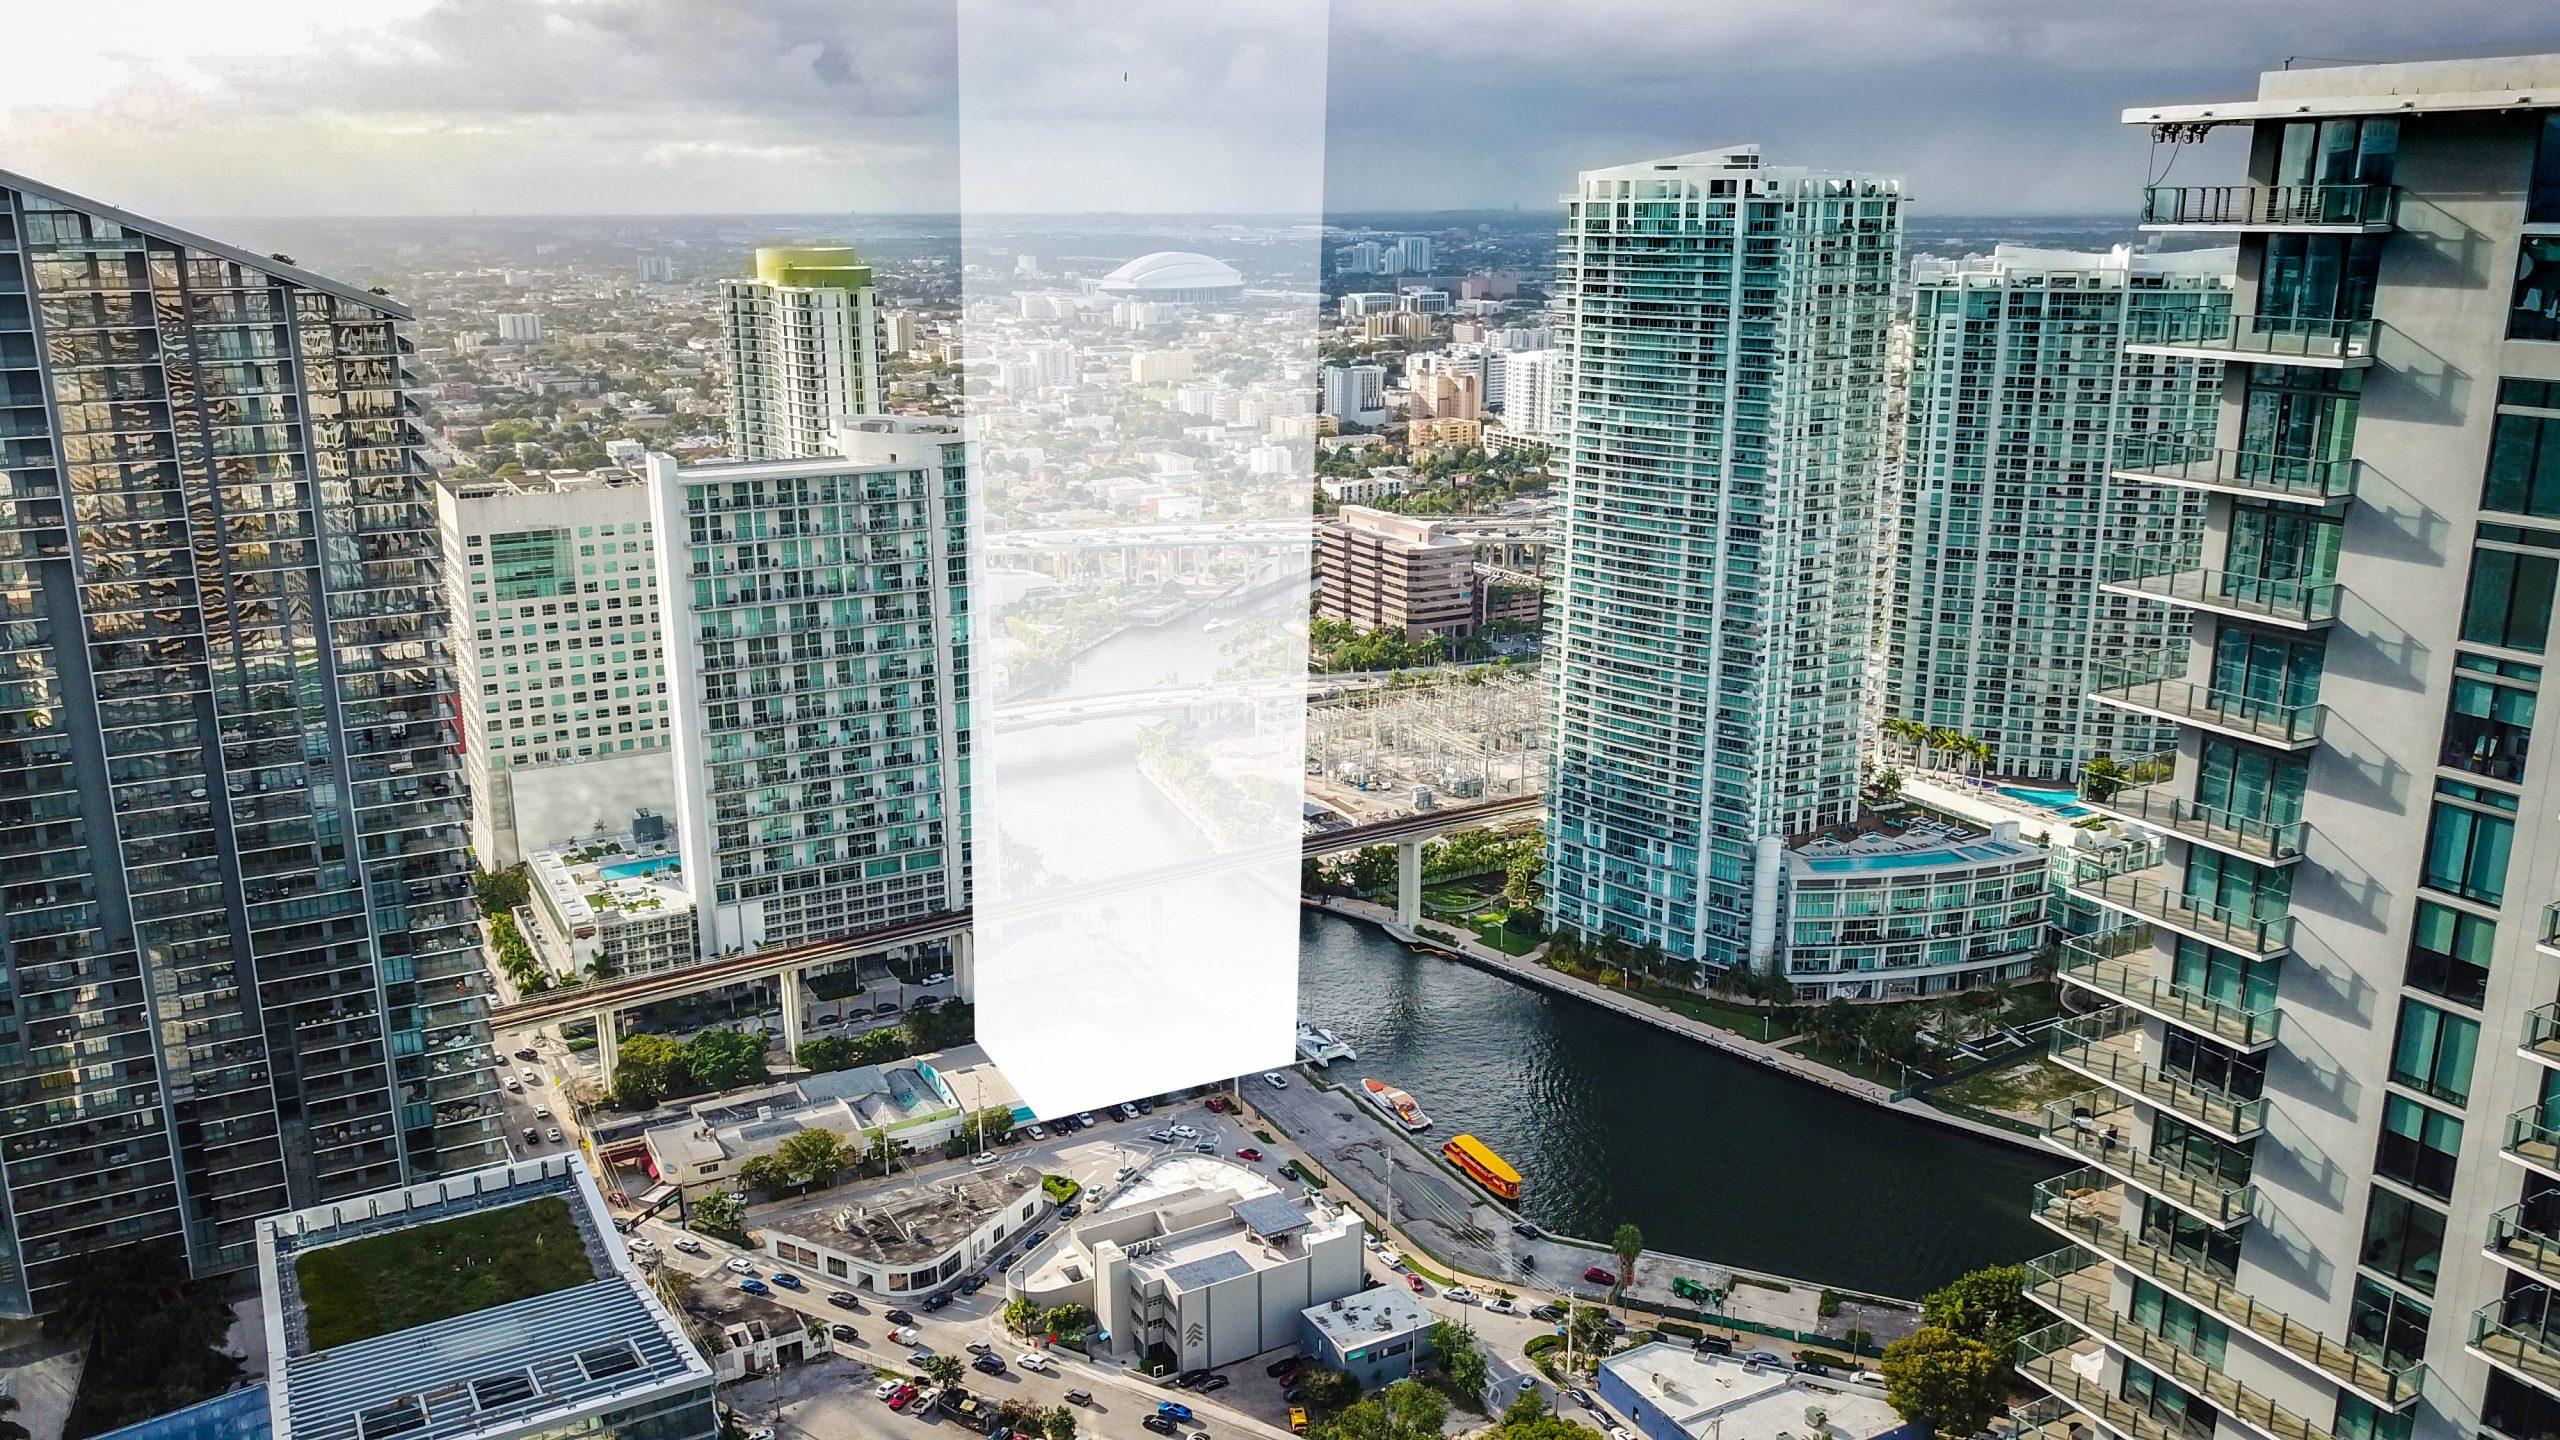 Lofty Brickell on the Miami River